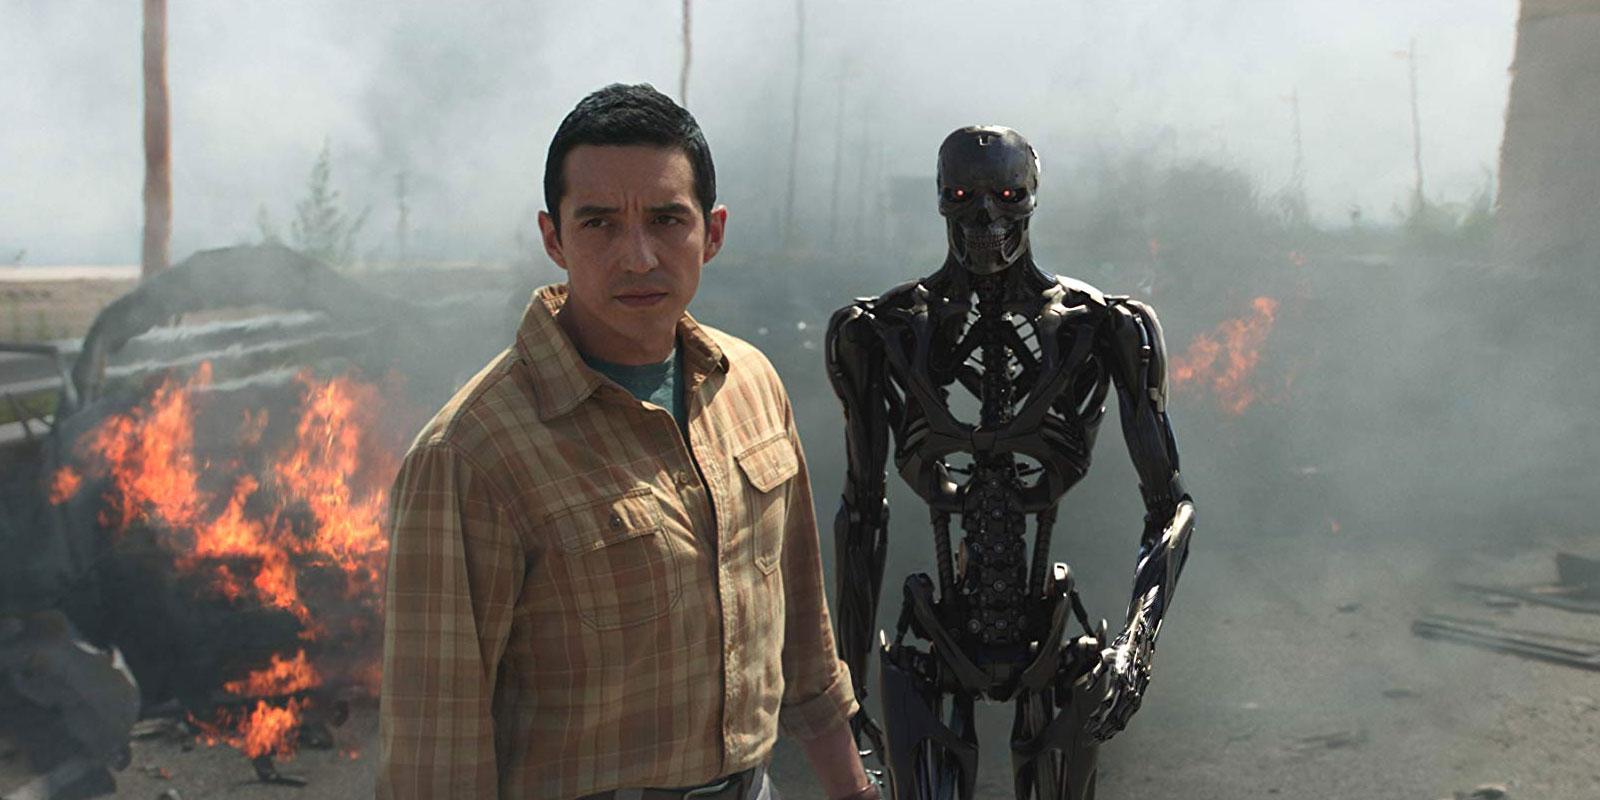 Win Advance Screening Passes to Terminator: Dark Fate in New York